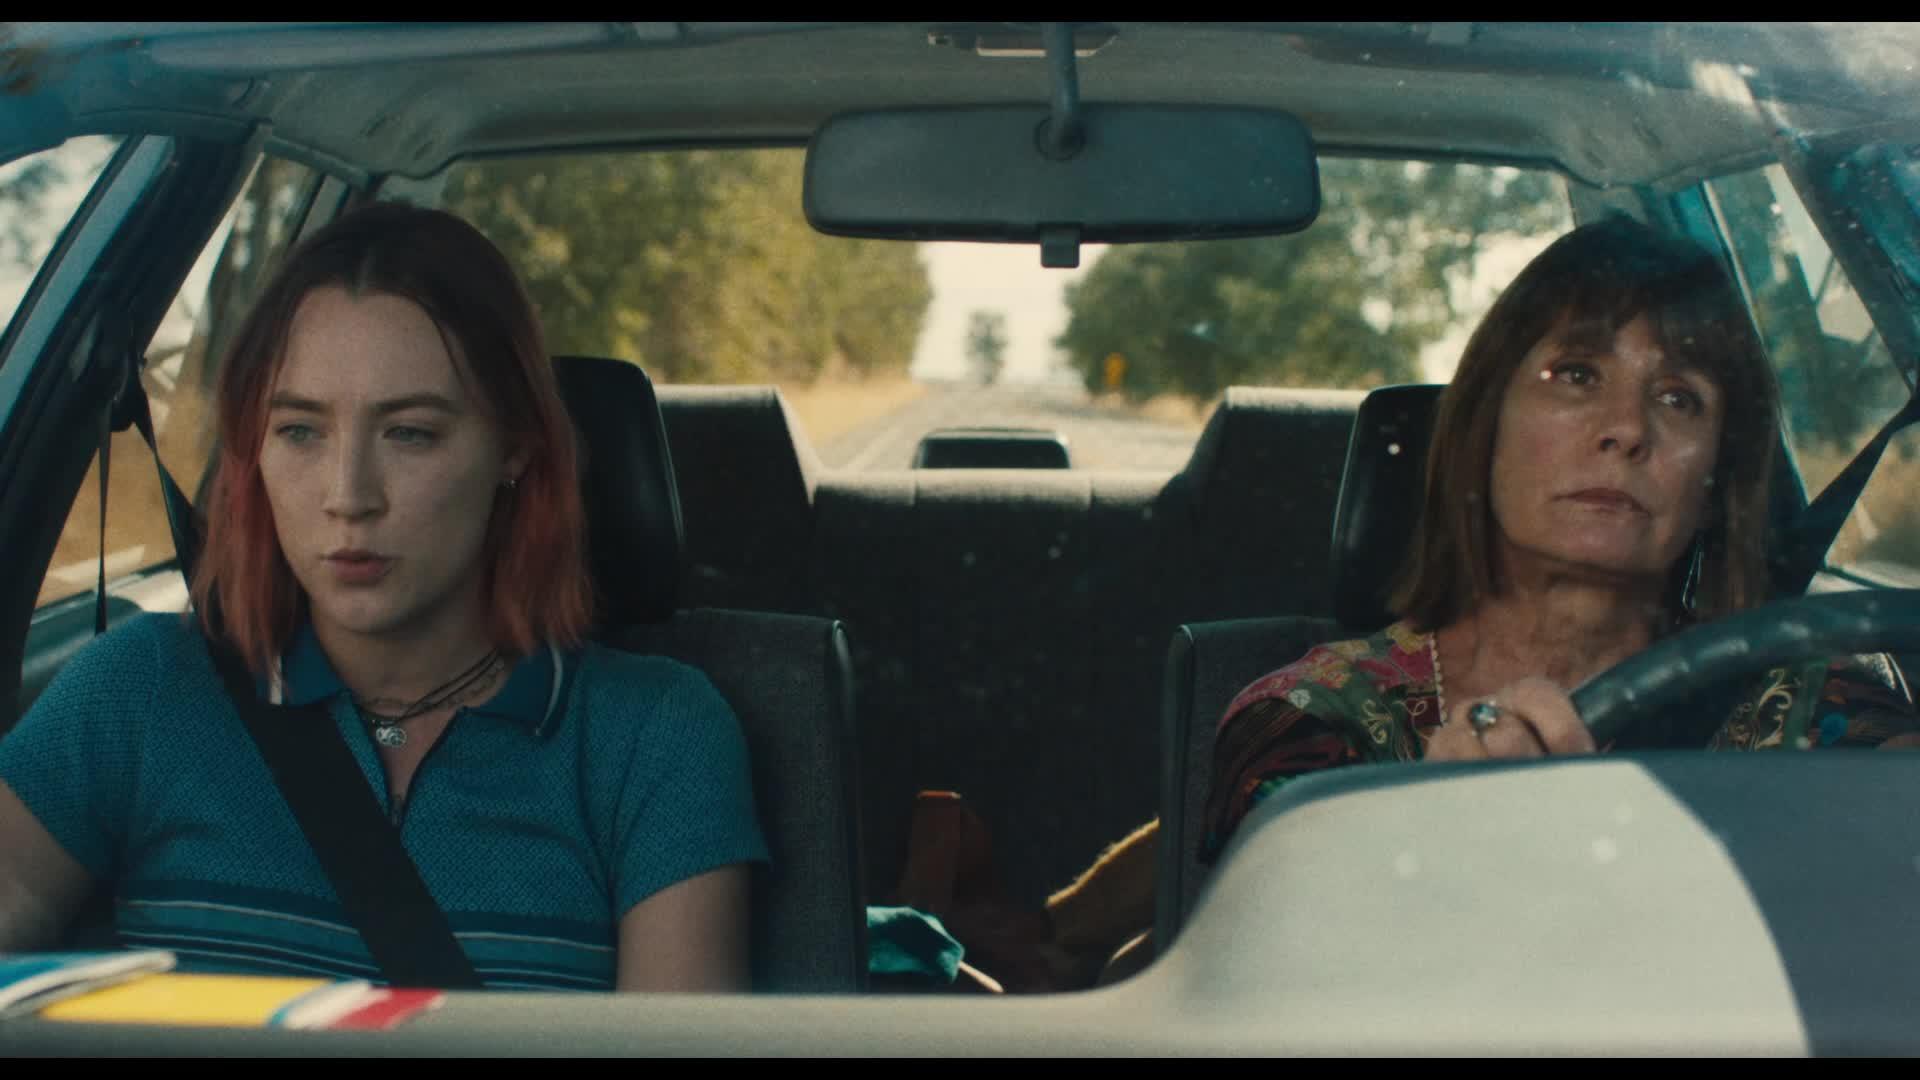 Girls Driving In Car Movie Scene